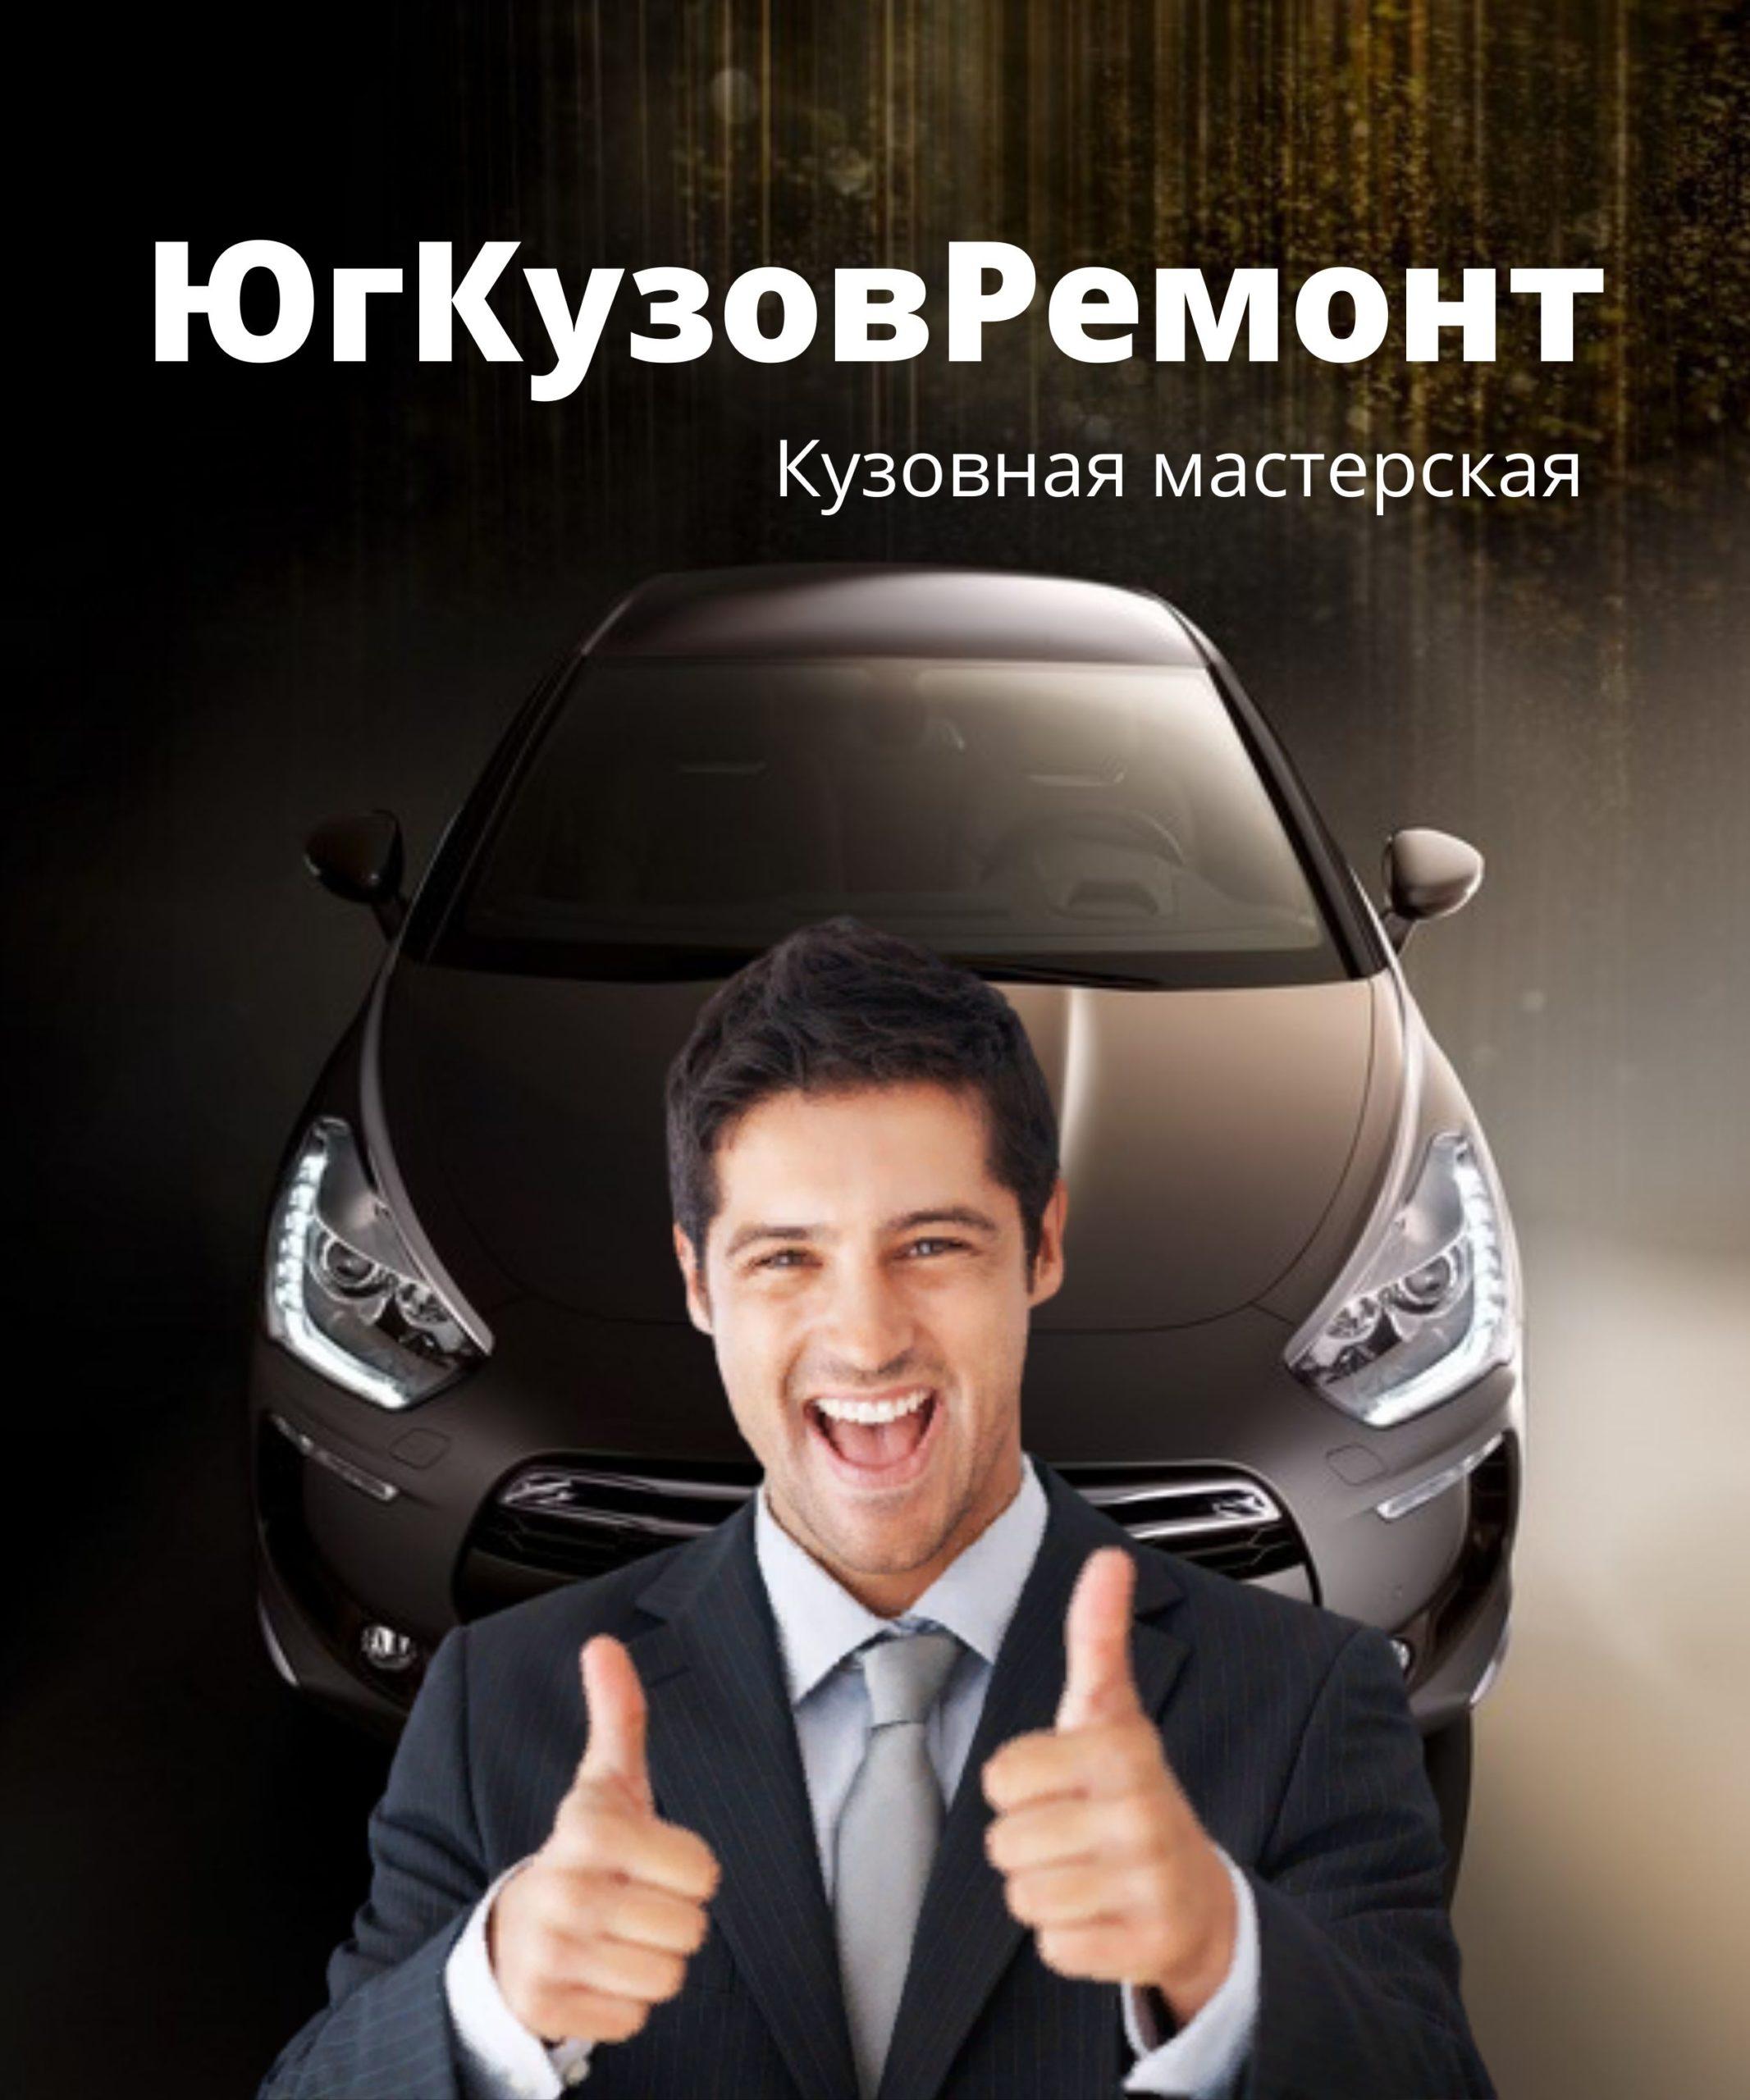 Кузовной ремонт в Краснодаре. Кузовная мастерская ЮгКузовРемонт